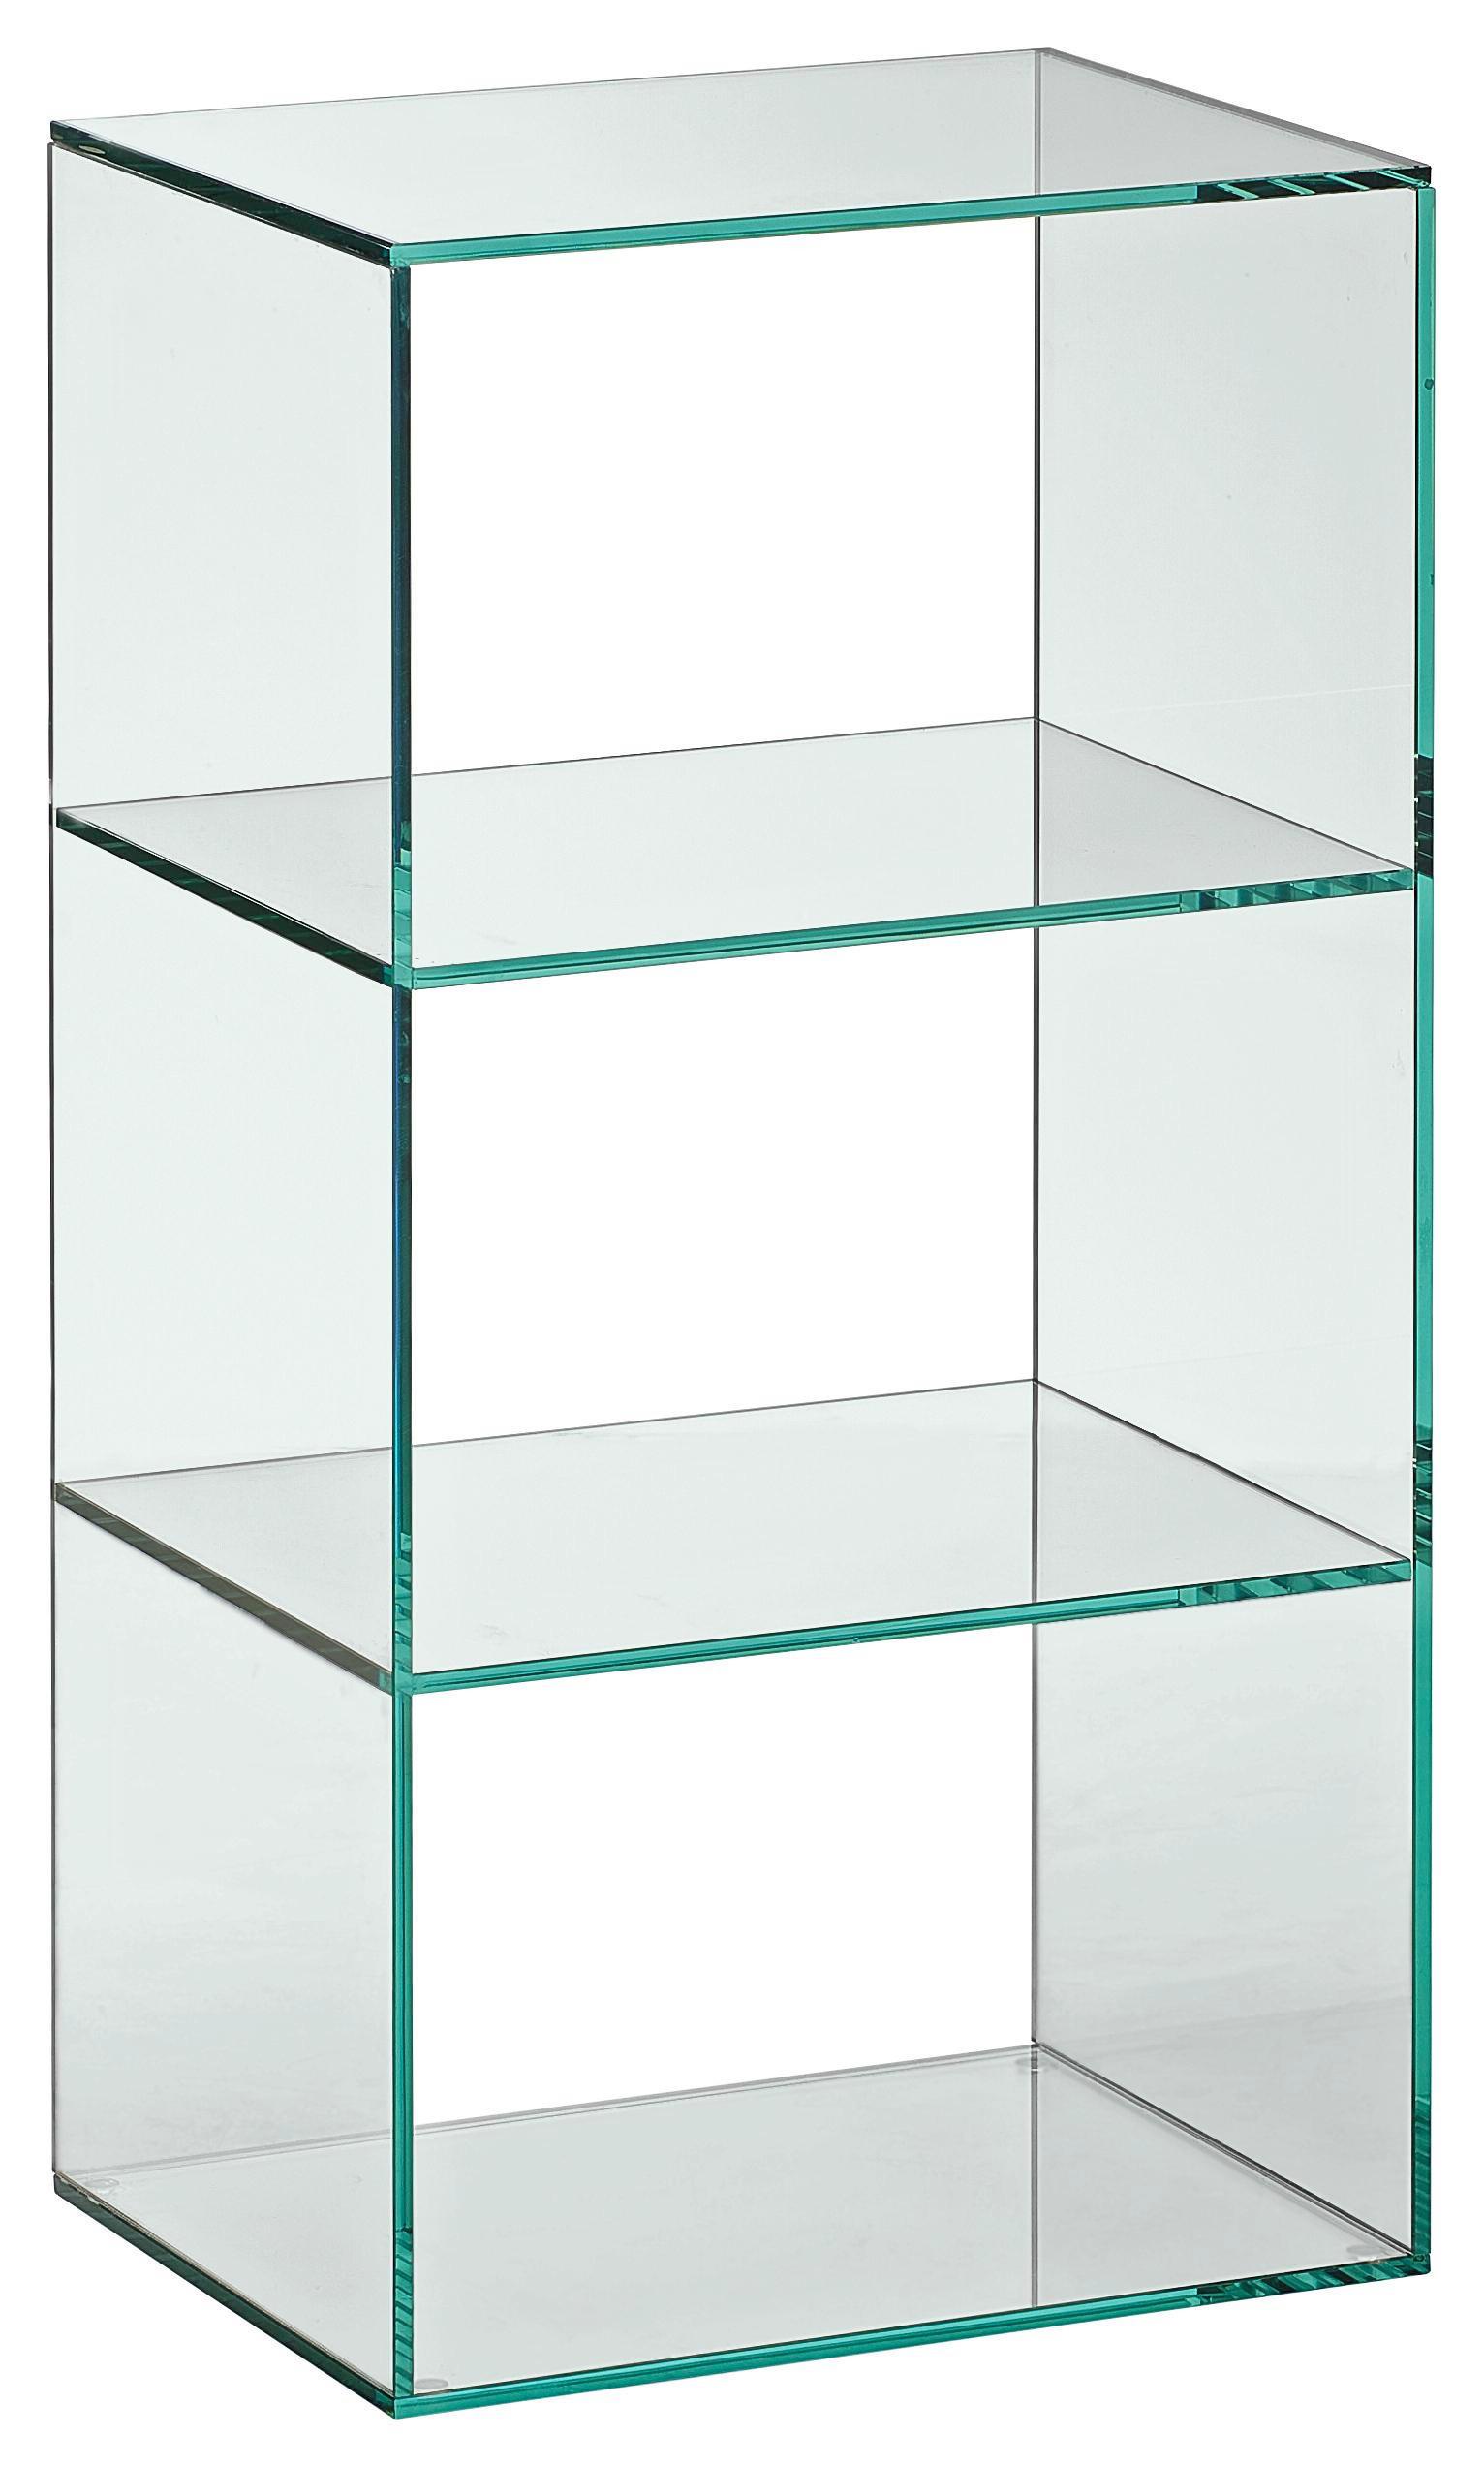 Regal mit Fächern aus Glas online entdecken